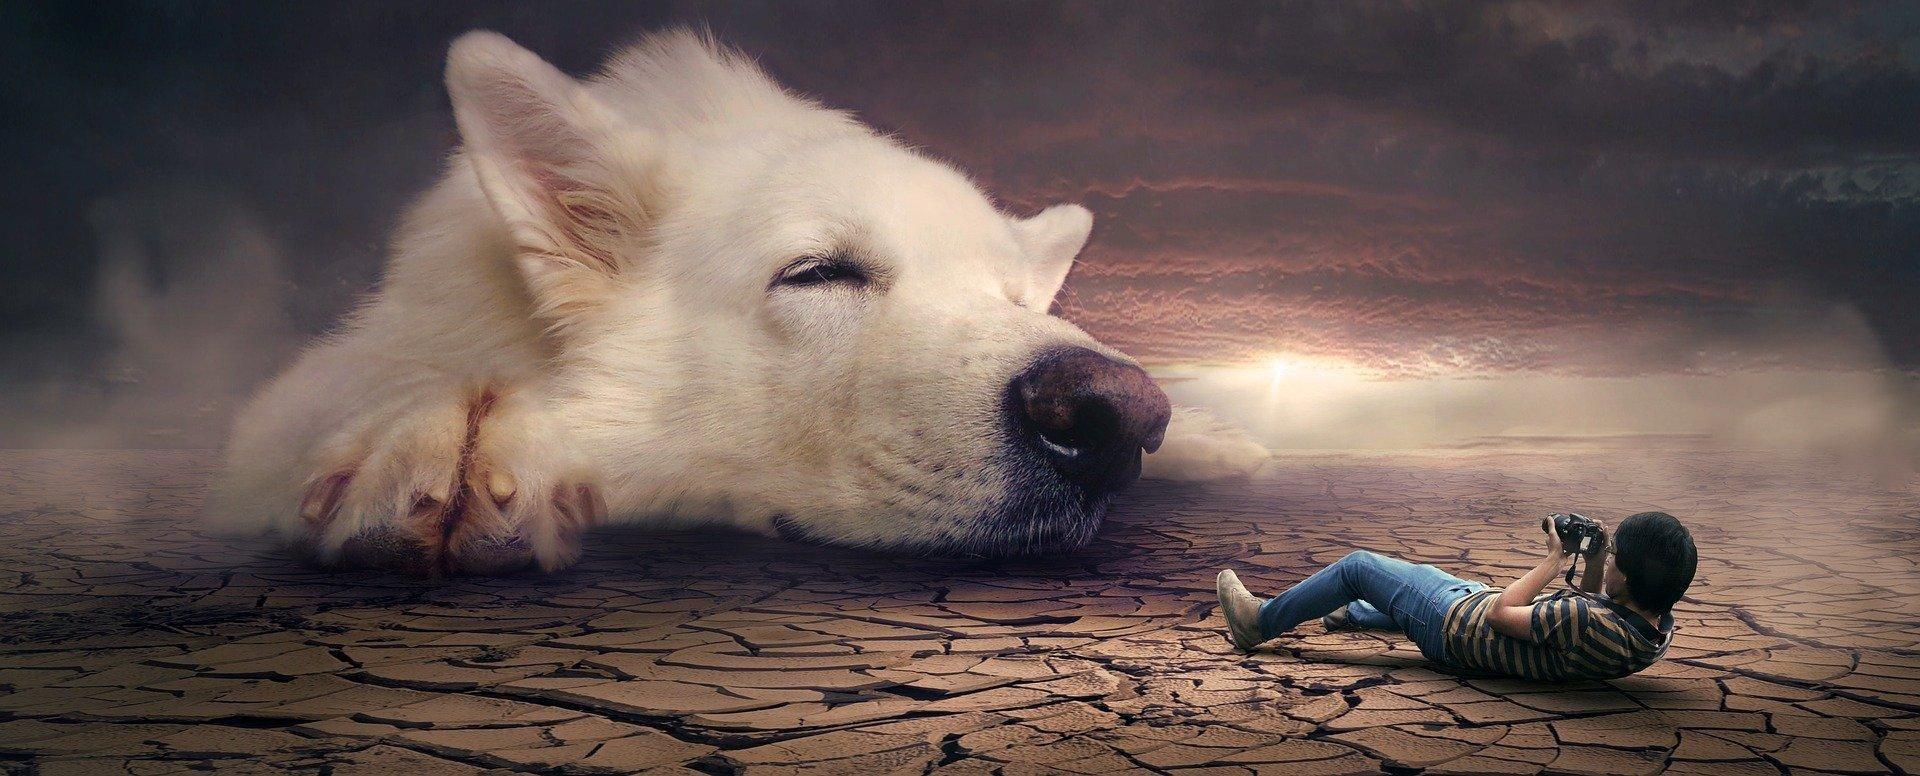 تبحثون في غوغل عن تفسير الكلاب في الحلم تفسير رؤية الكلاب تلاحقني في المنام مطاردة الكلاب في المنام رؤية الكلاب في المنام للع En 2020 Photo Chien Chien Chien Enfant